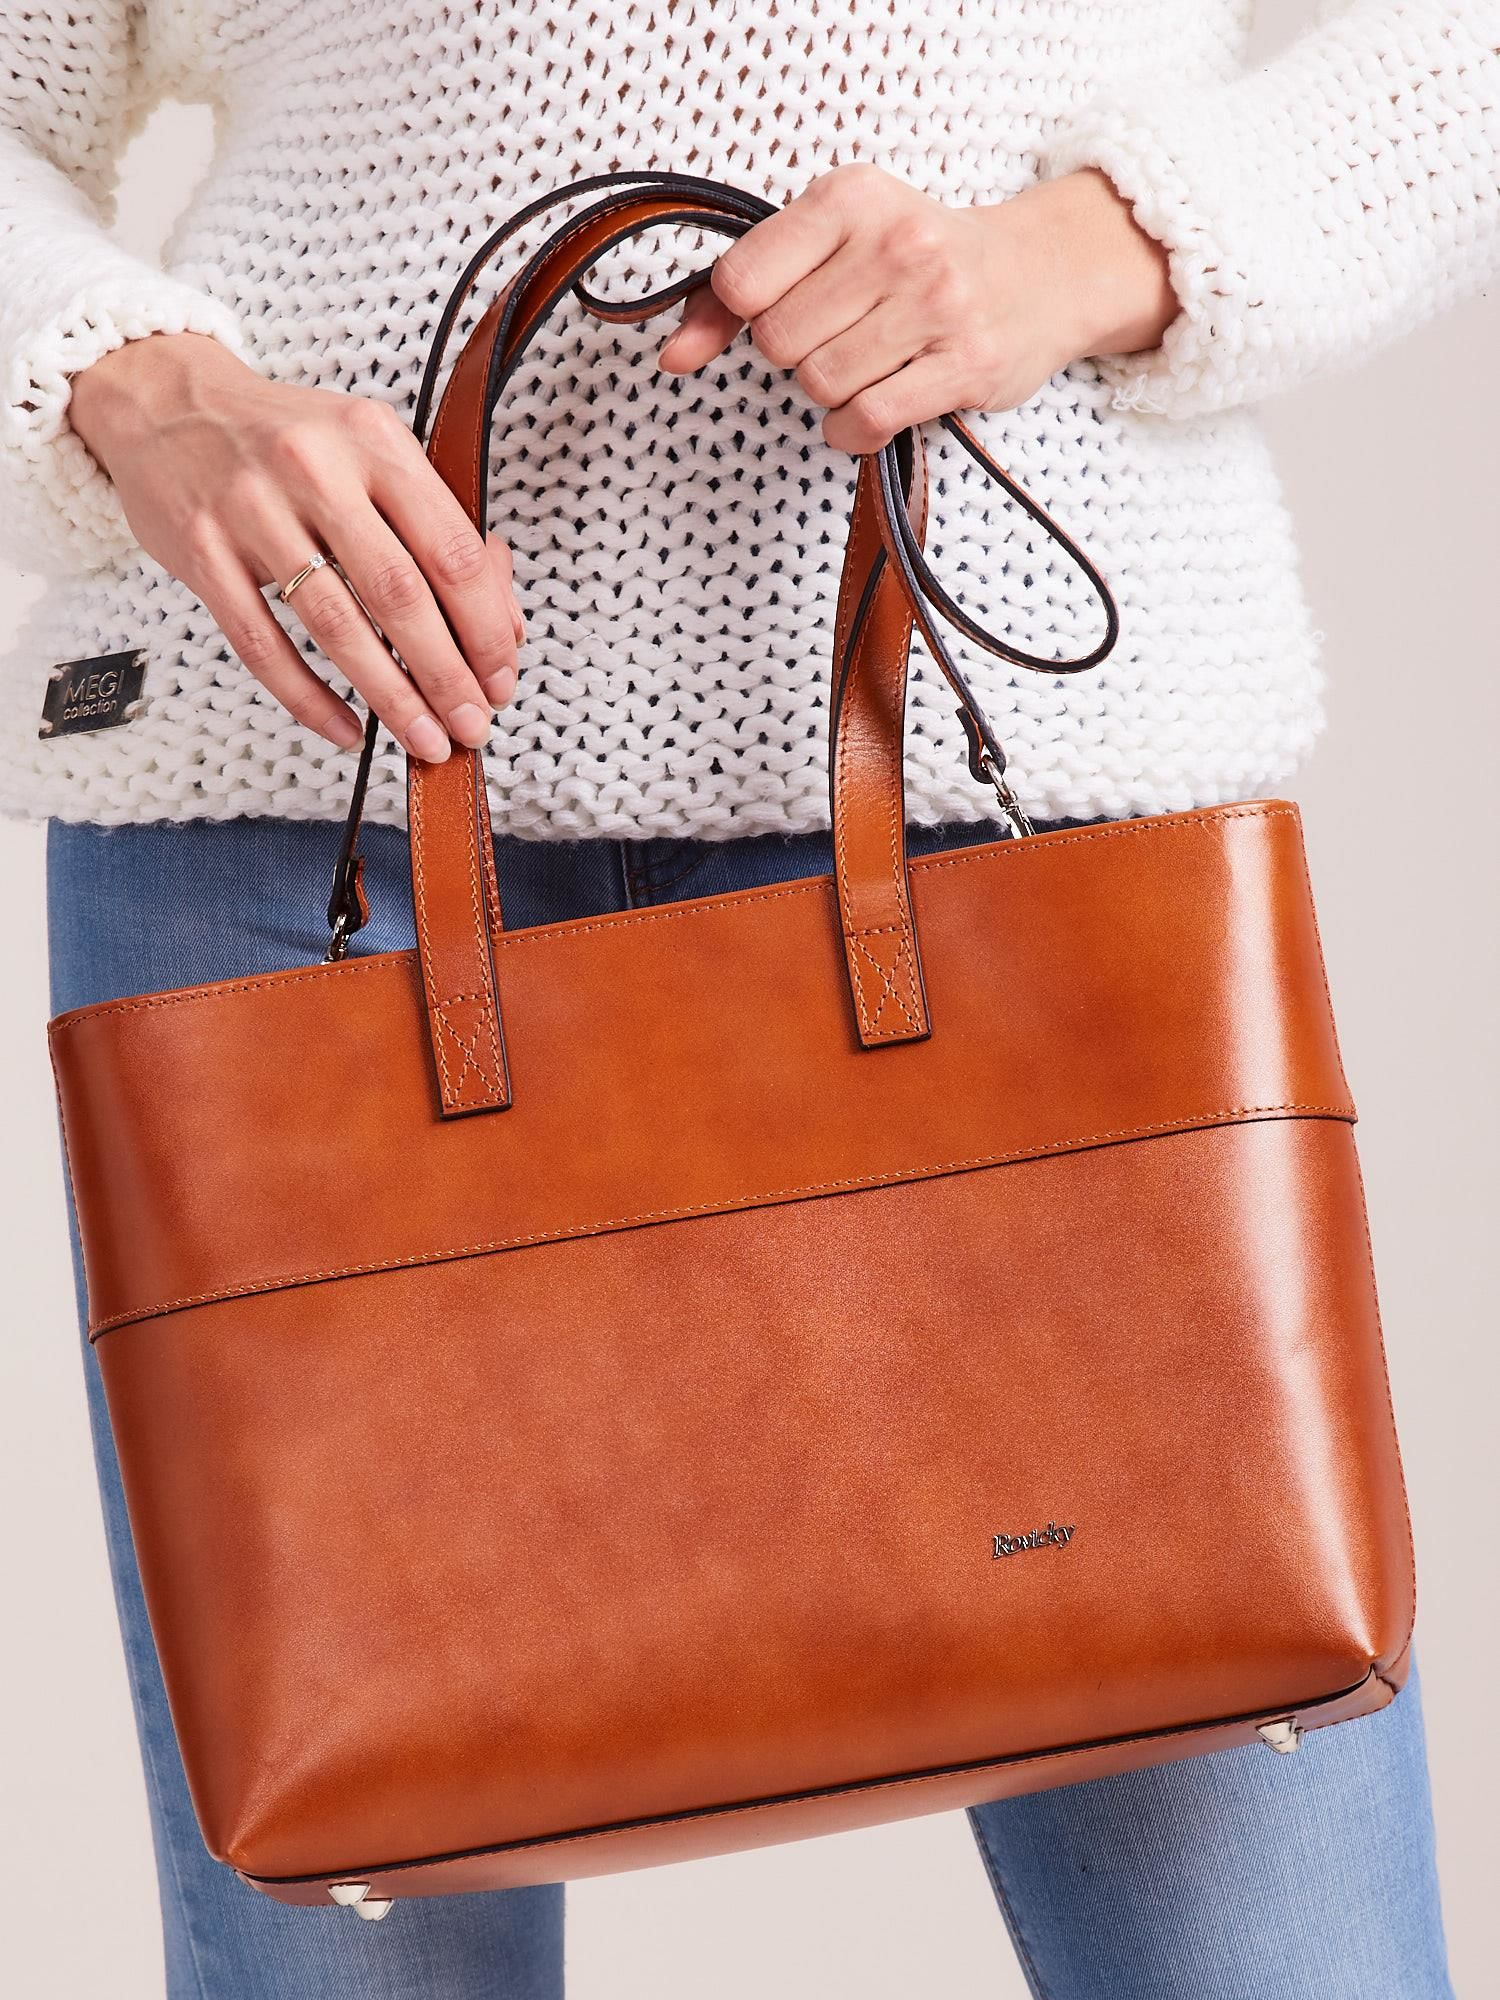 5e6e2601e2cc9 Brązowa skórzana torba shopper bag - Akcesoria torba - sklep eButik.pl